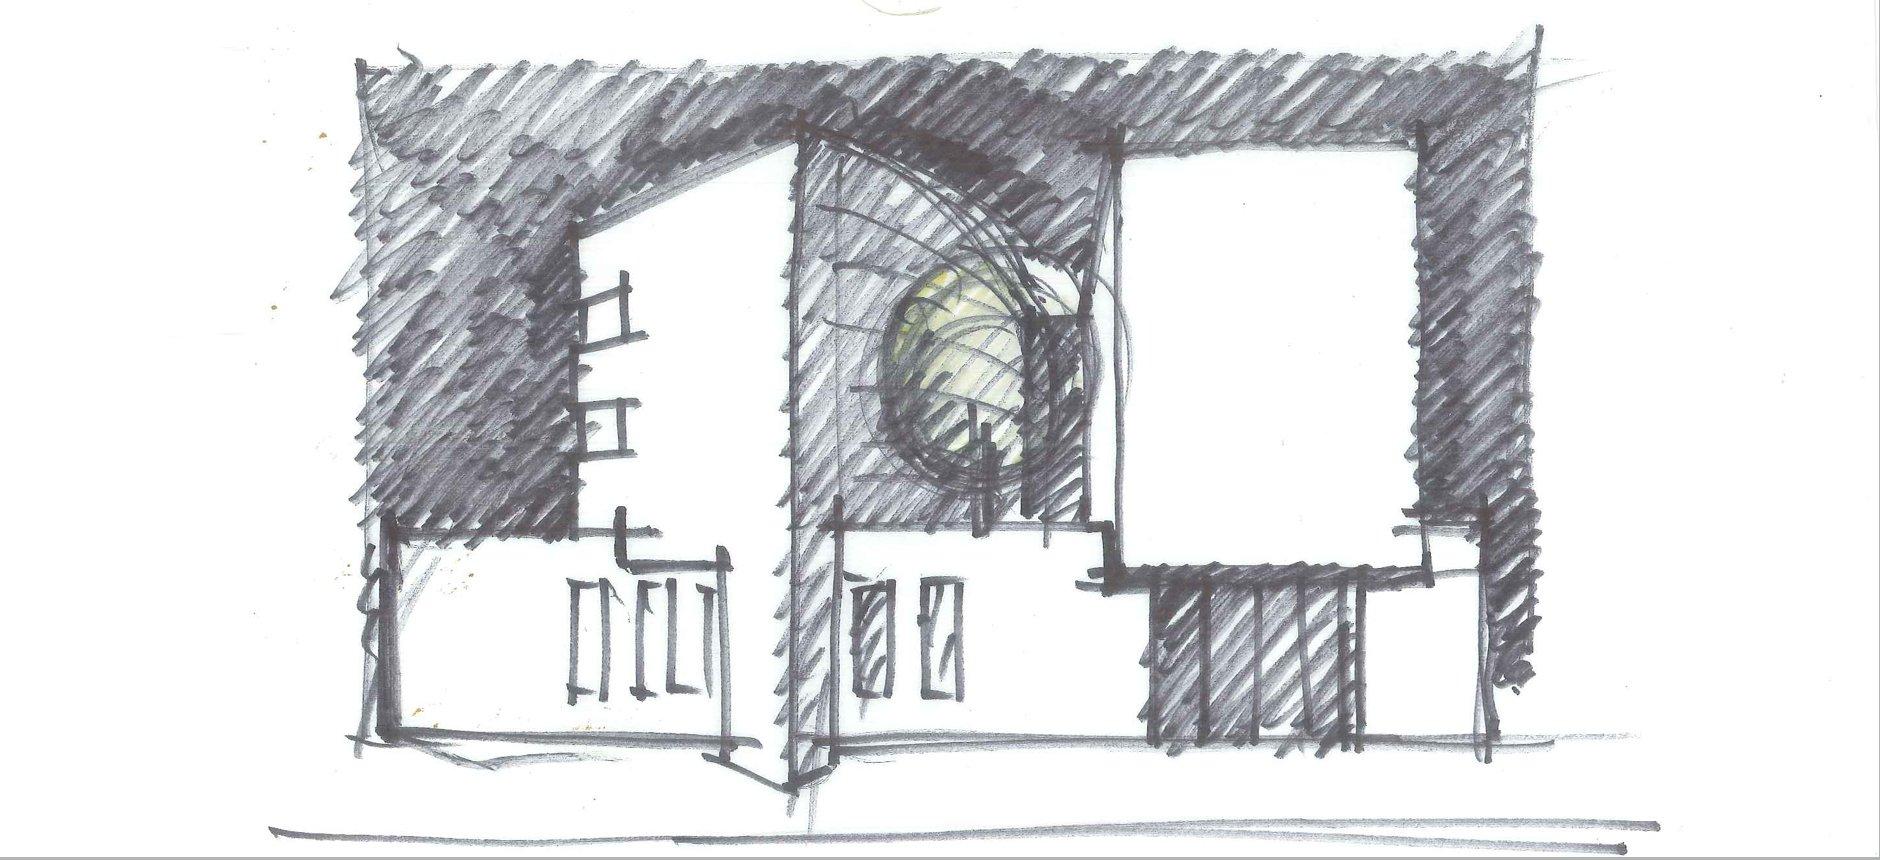 סקיצה-בית השריון-אדריכלות